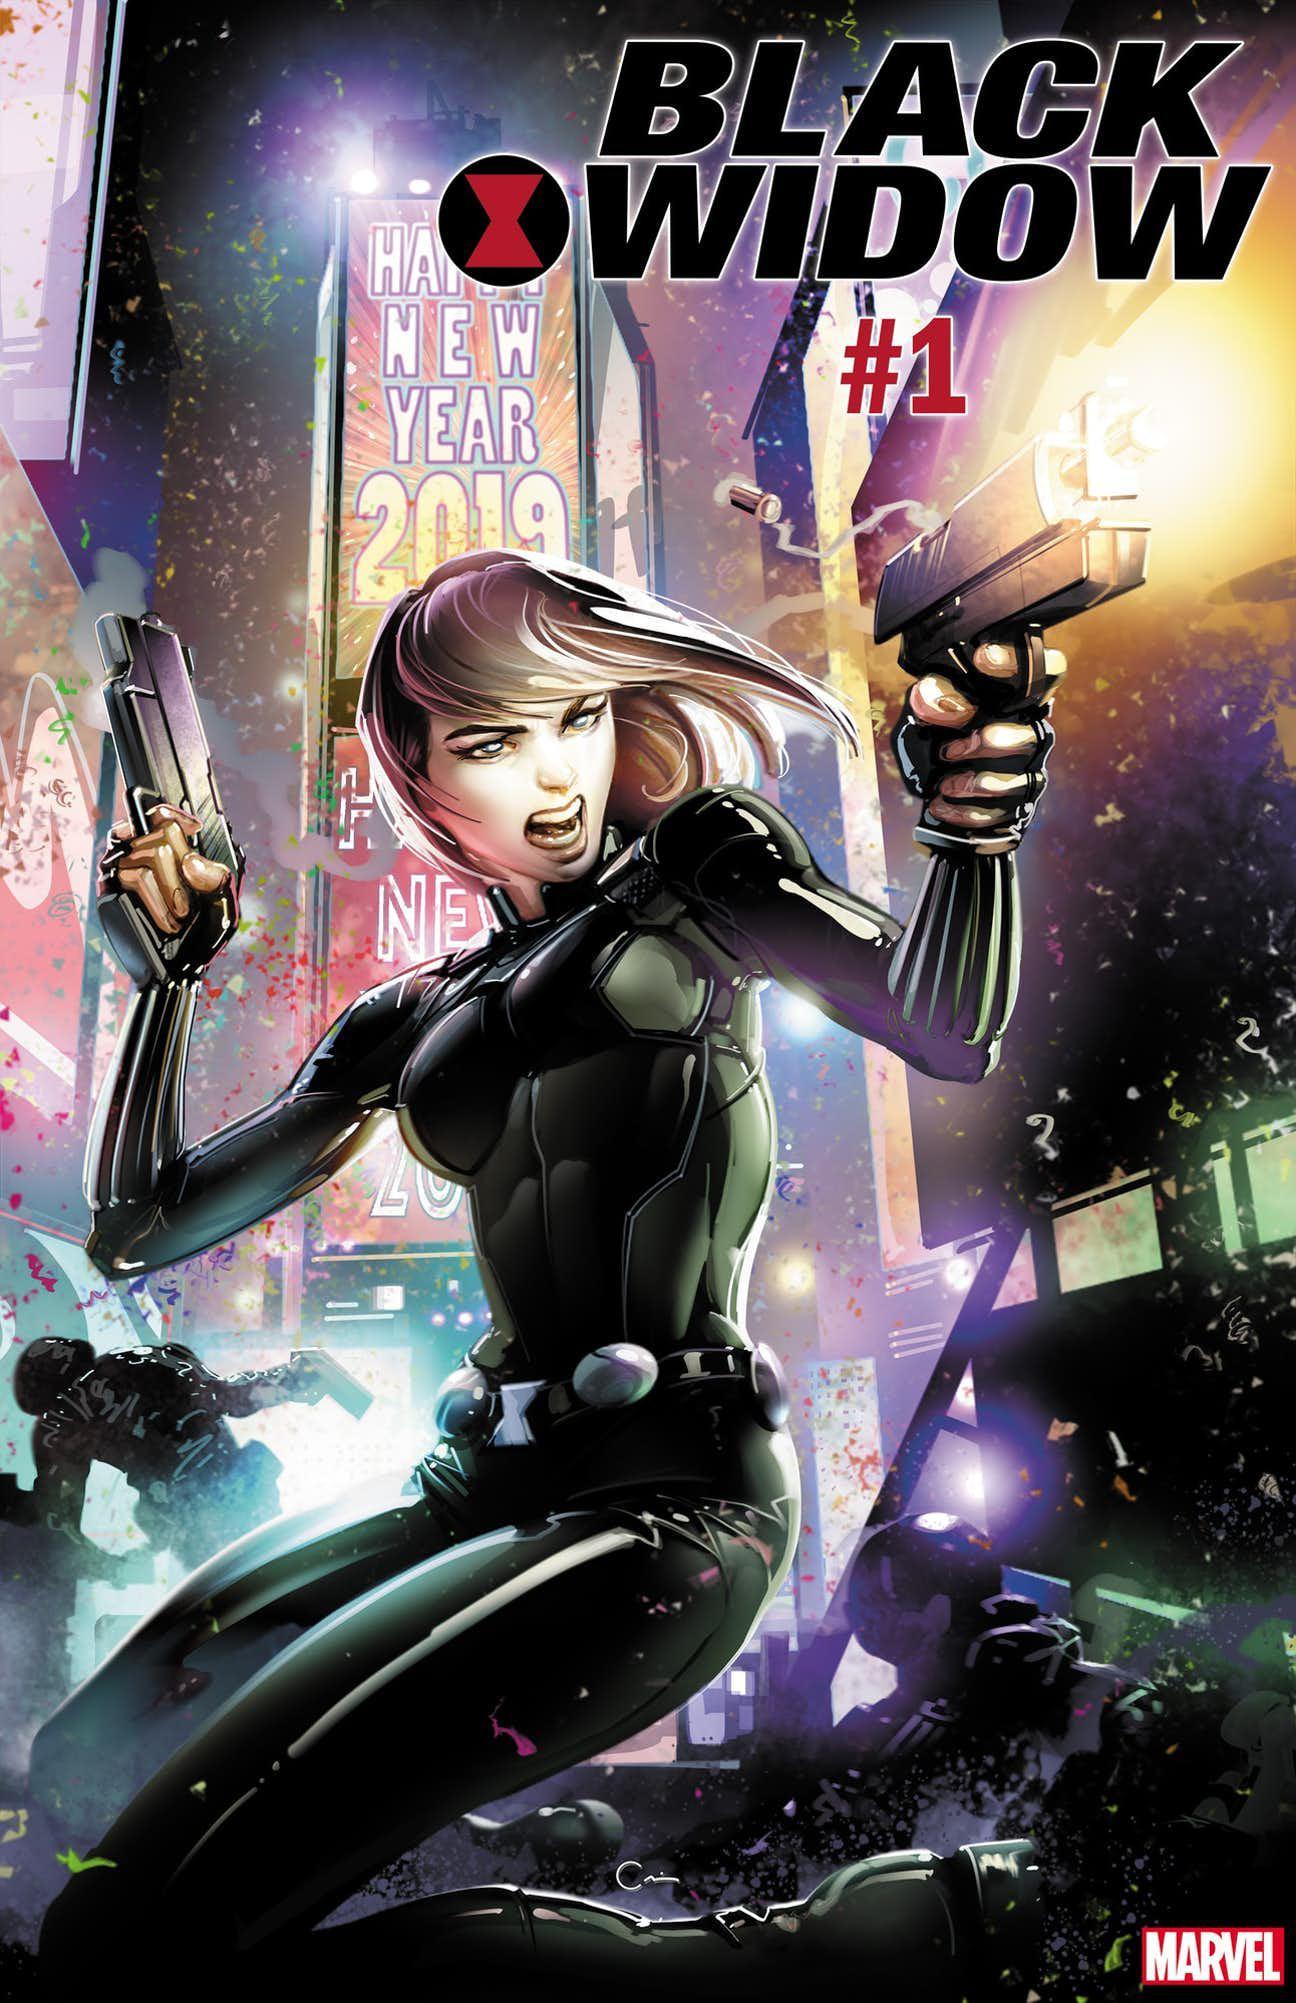 black-widow-1-cover.jpg